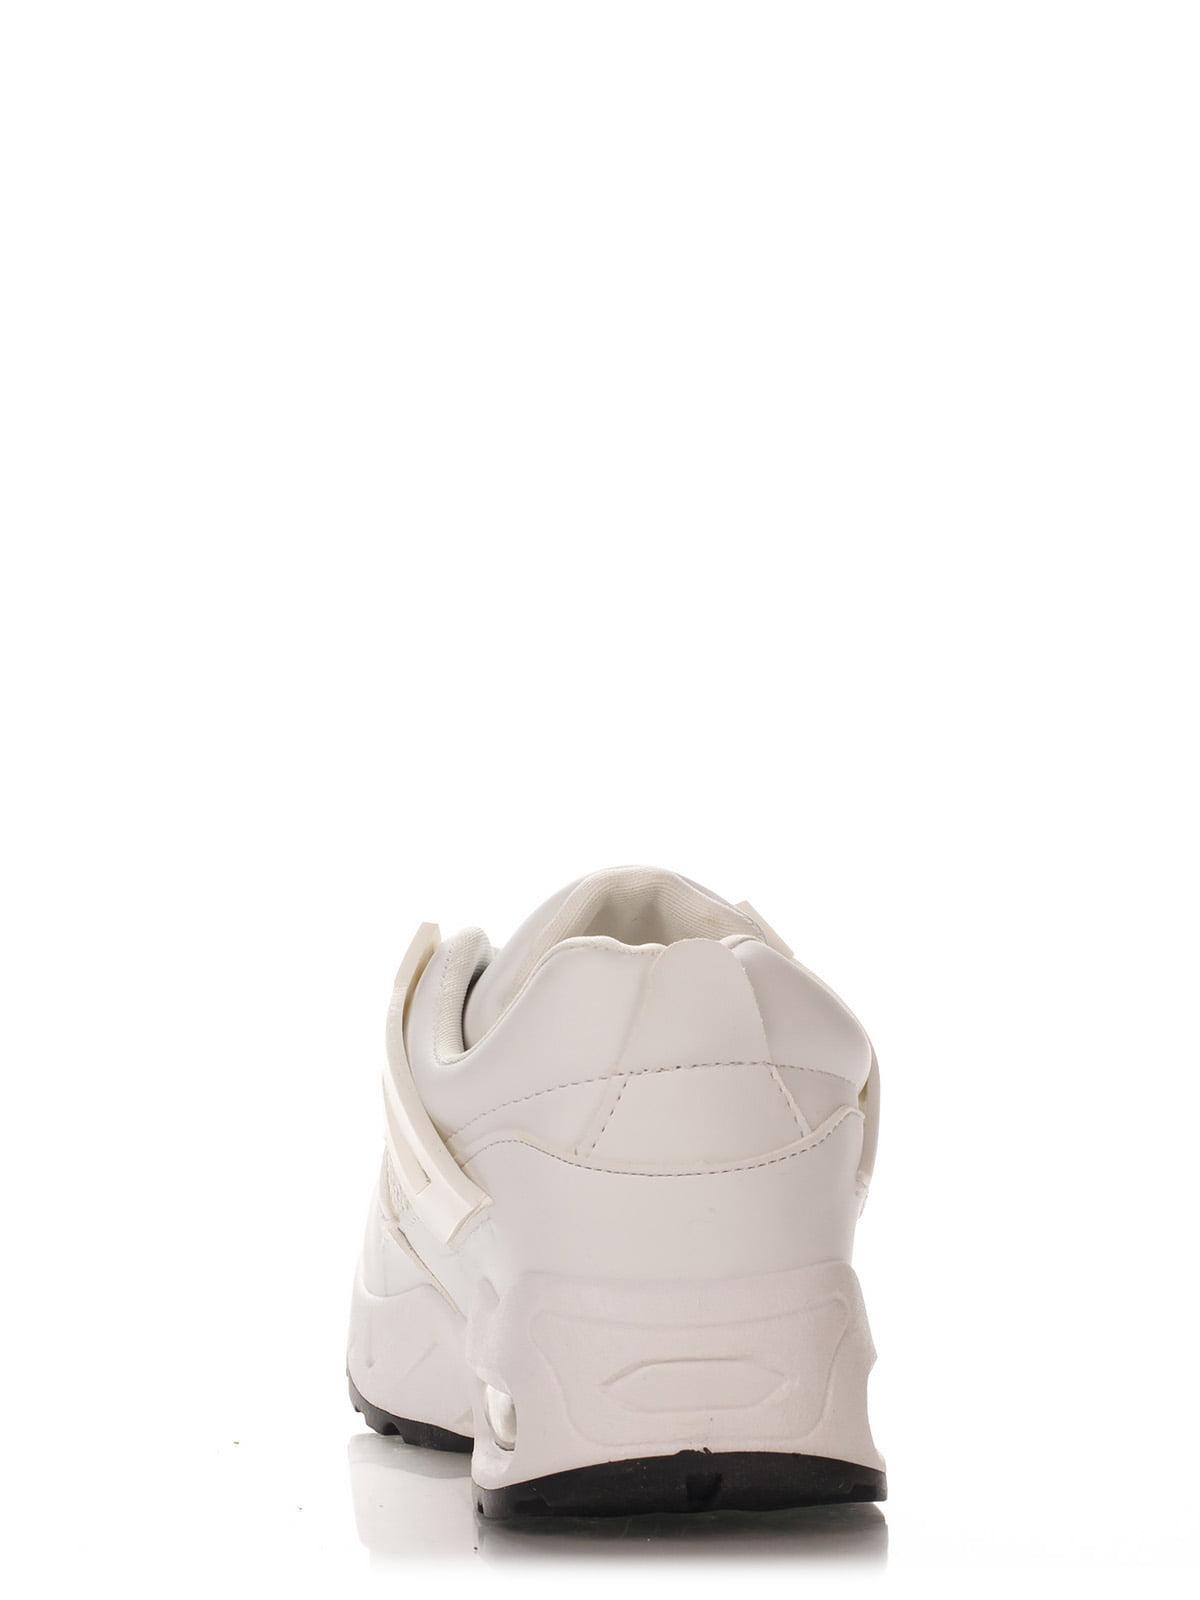 Кроссовки белые | 4001885 | фото 4